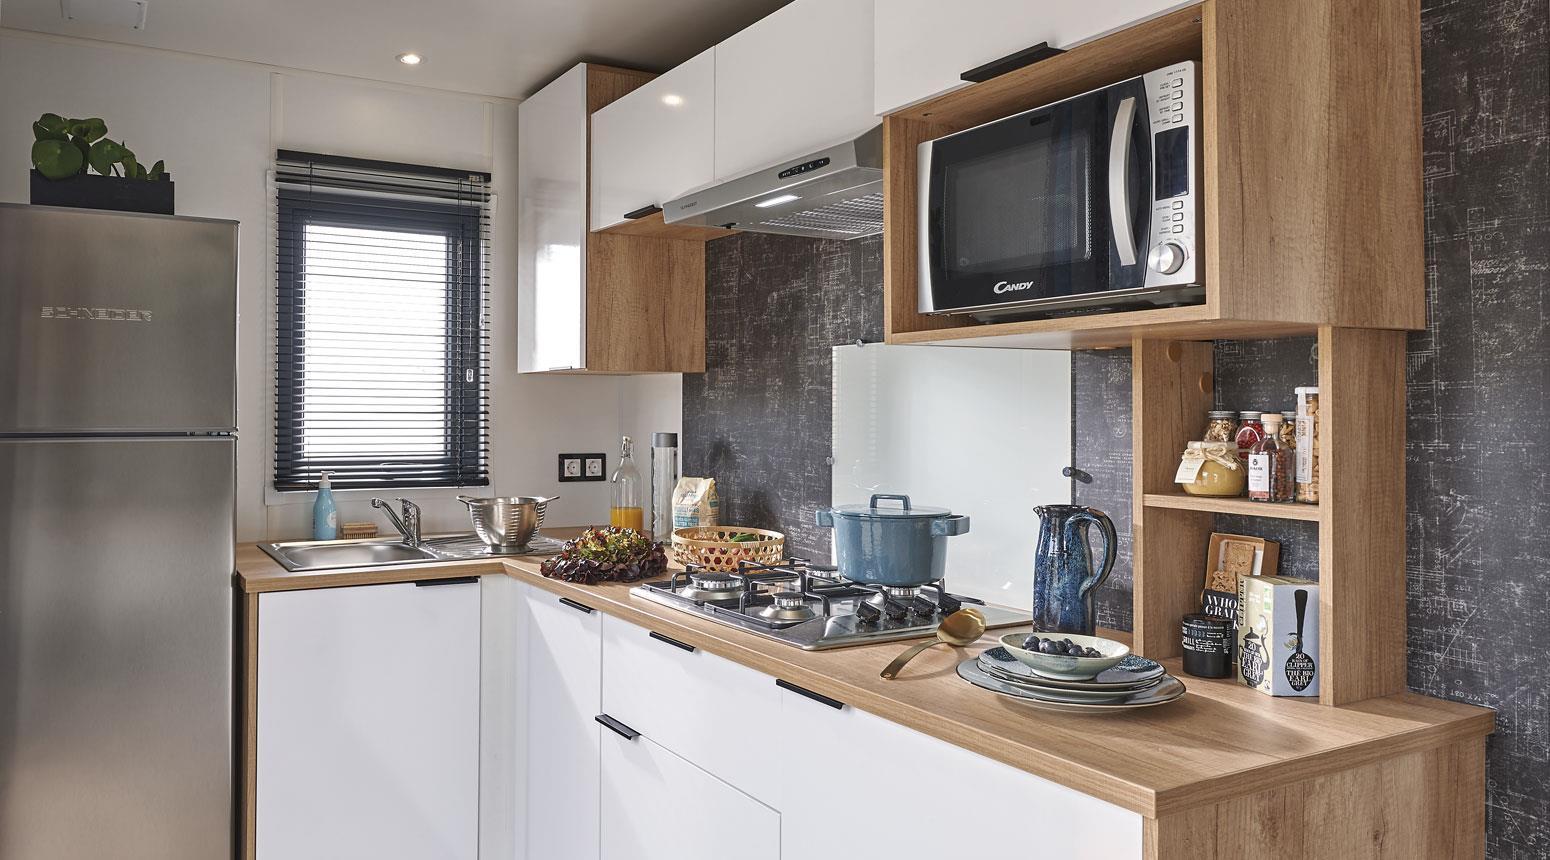 Location - New 2021 ! Cottage Neuf Dedans Dehors Avec Cuisine Ouverte Sur La Terrasse - 32 M² - Tv, Climatisation - Camping Sites et Paysages Etang de Bazange